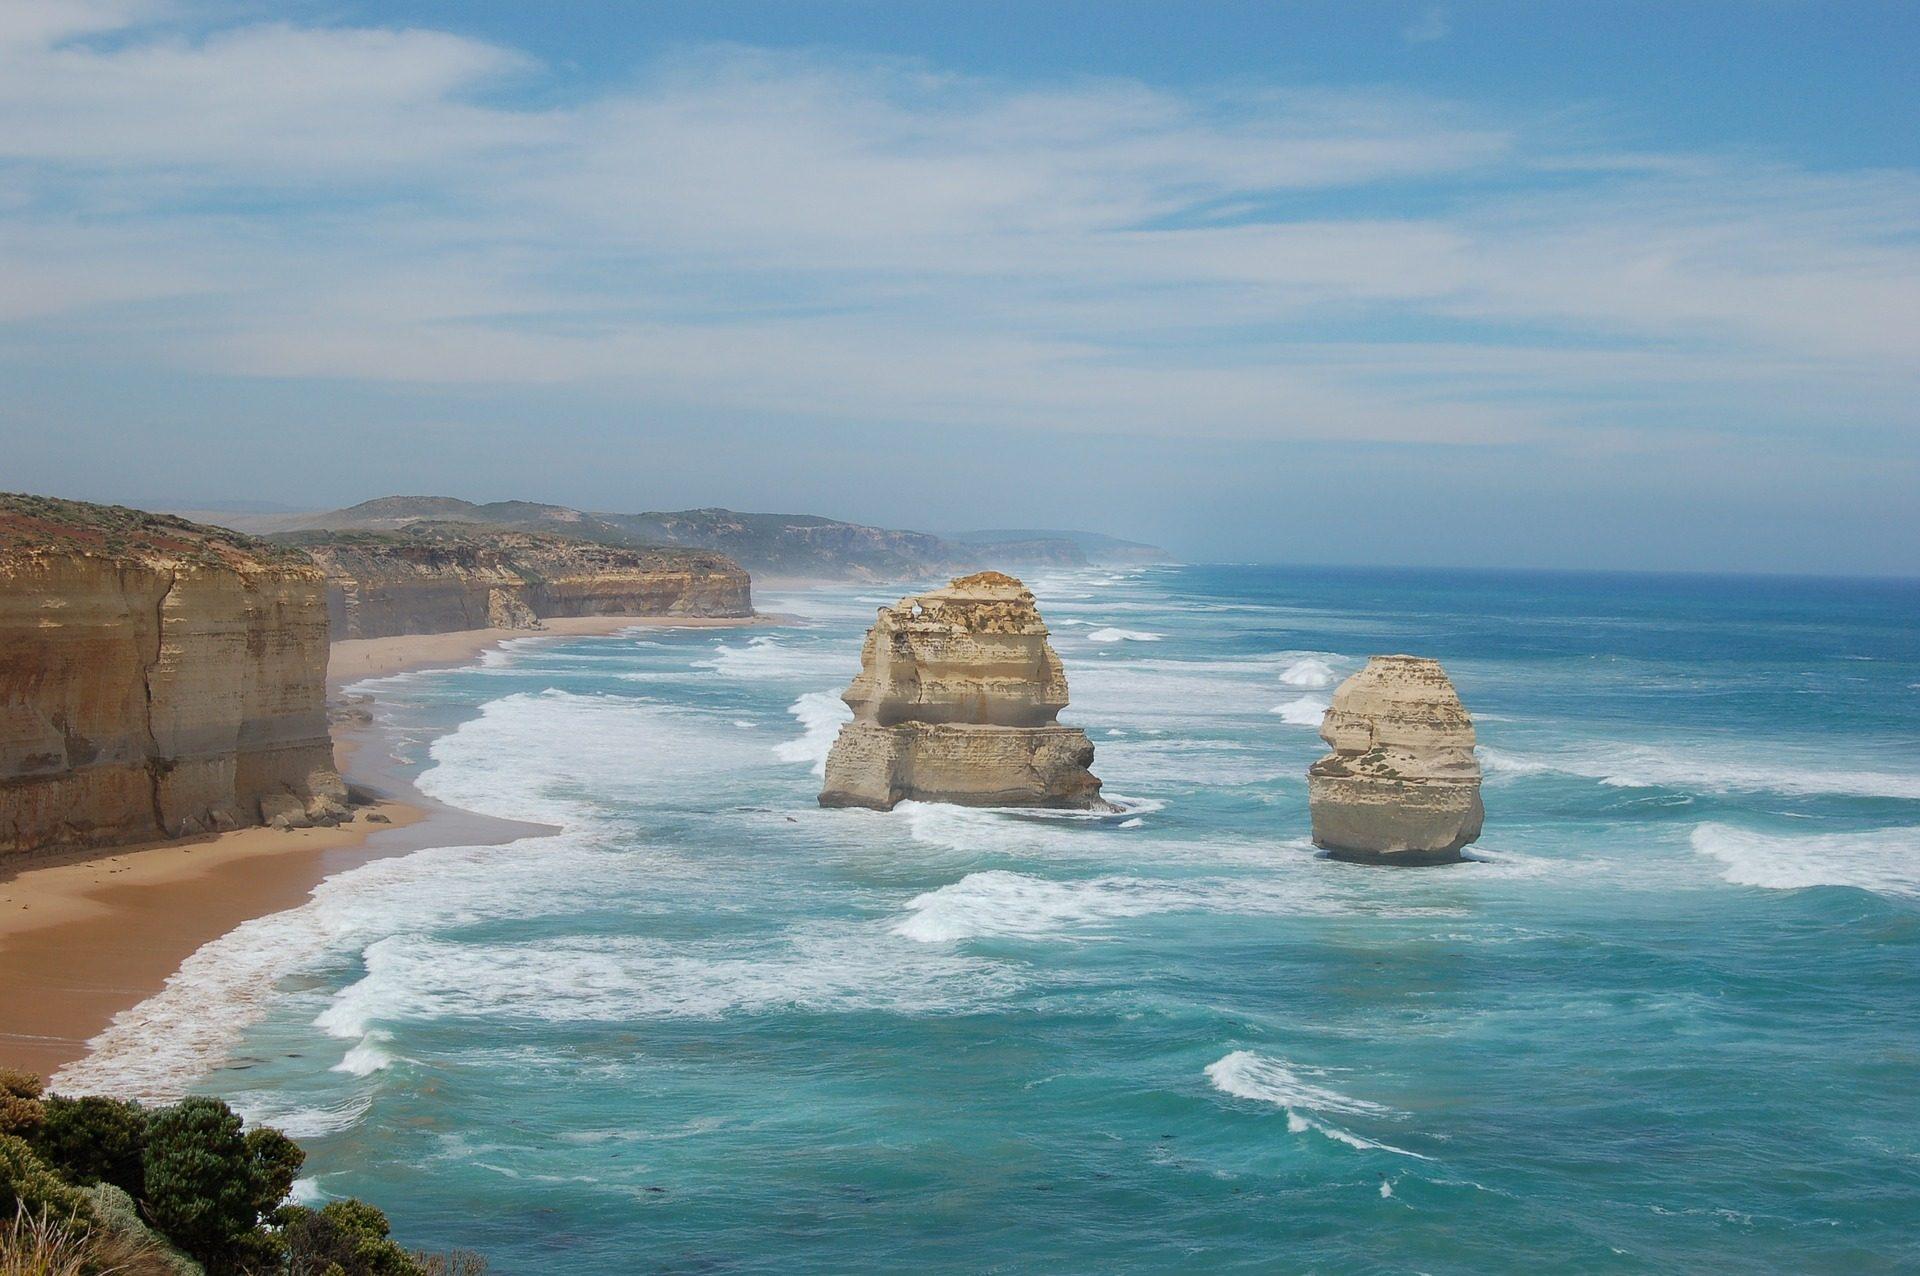 Море, Океан, скалы, Двенадцать апостолов, Австралия - Обои HD - Профессор falken.com